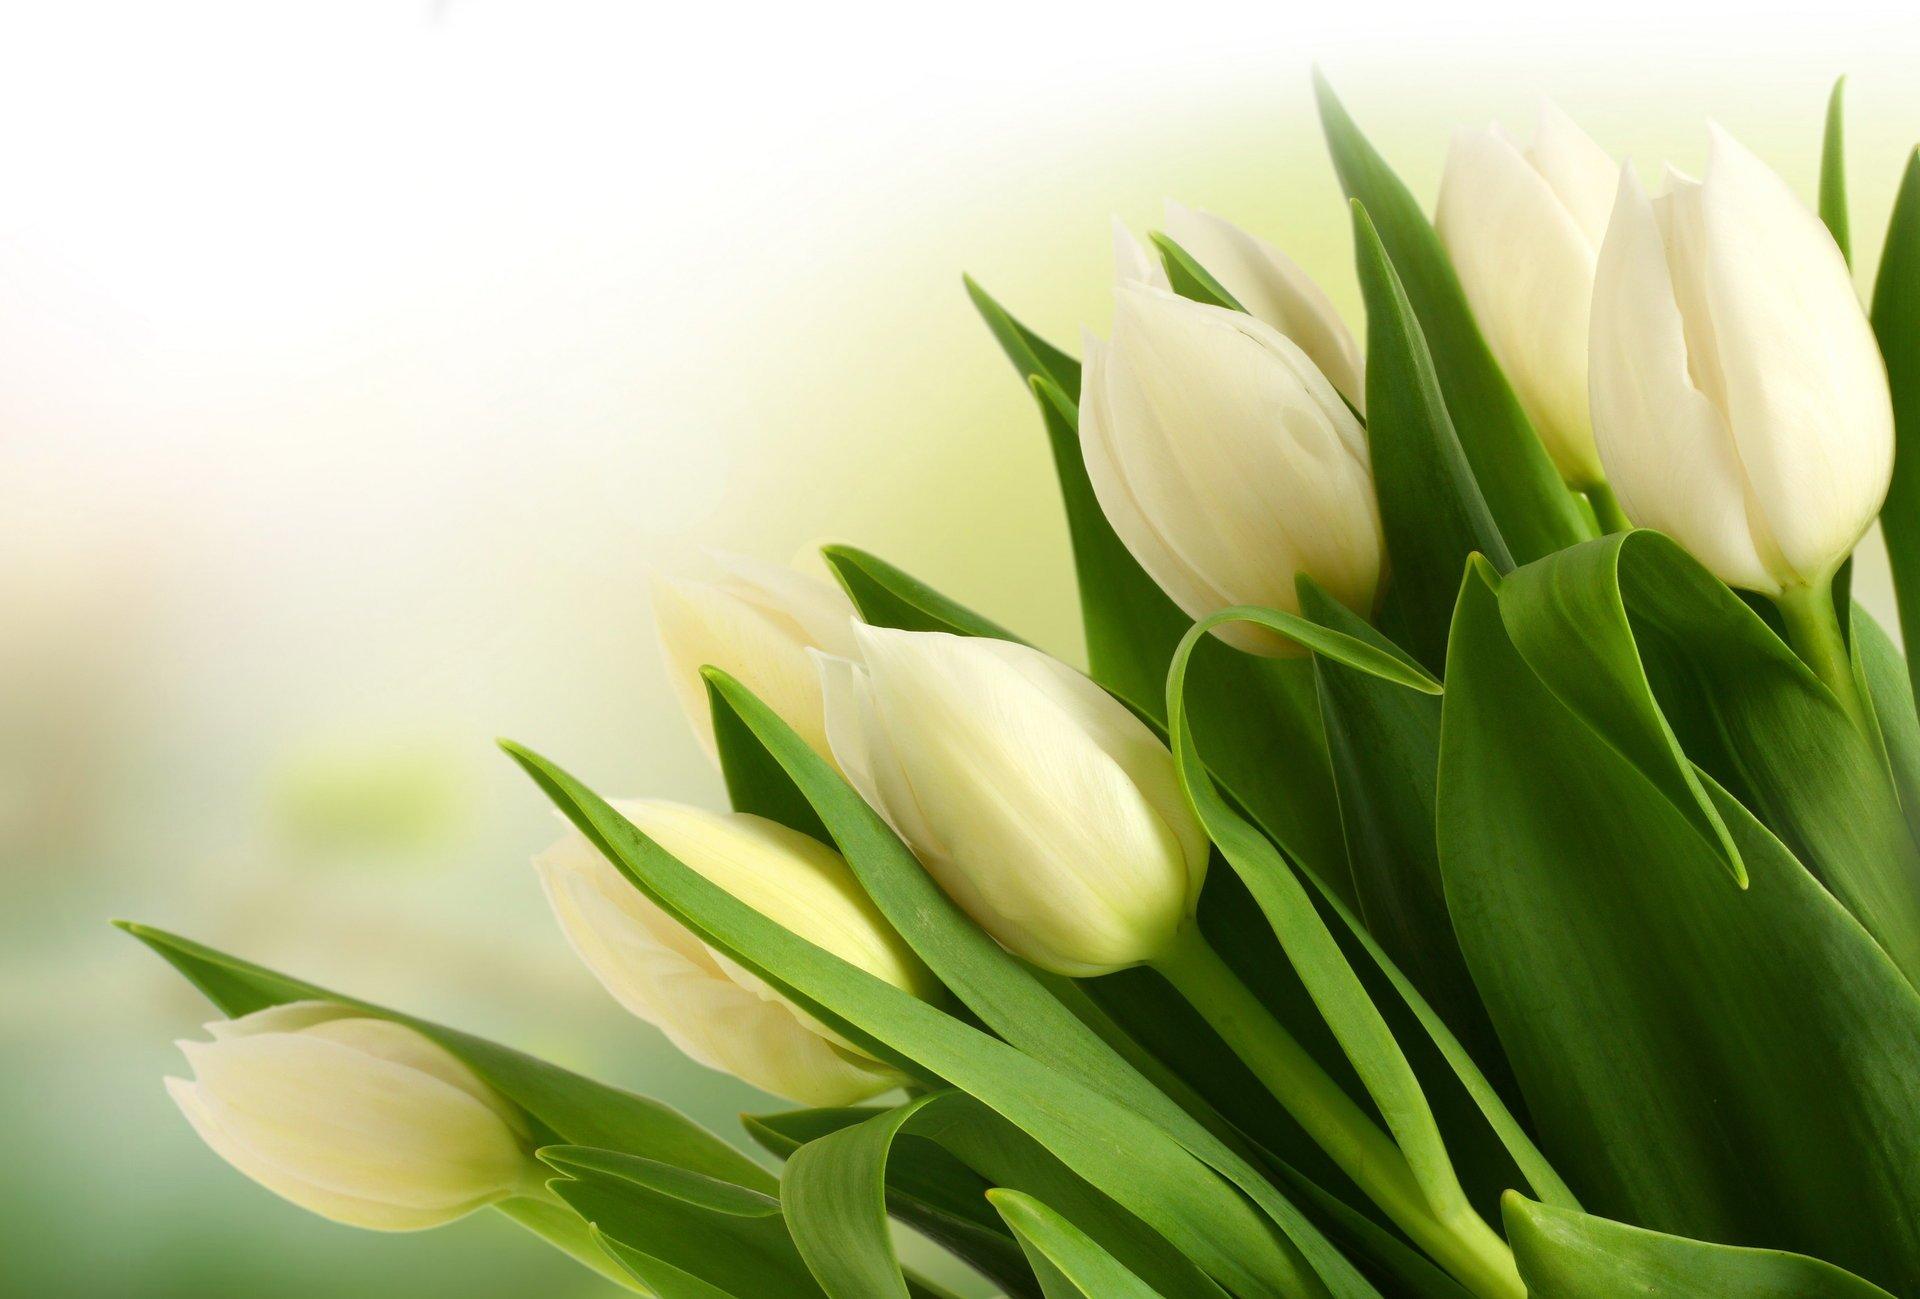 букет,тюльпаны,листья  № 415732 бесплатно